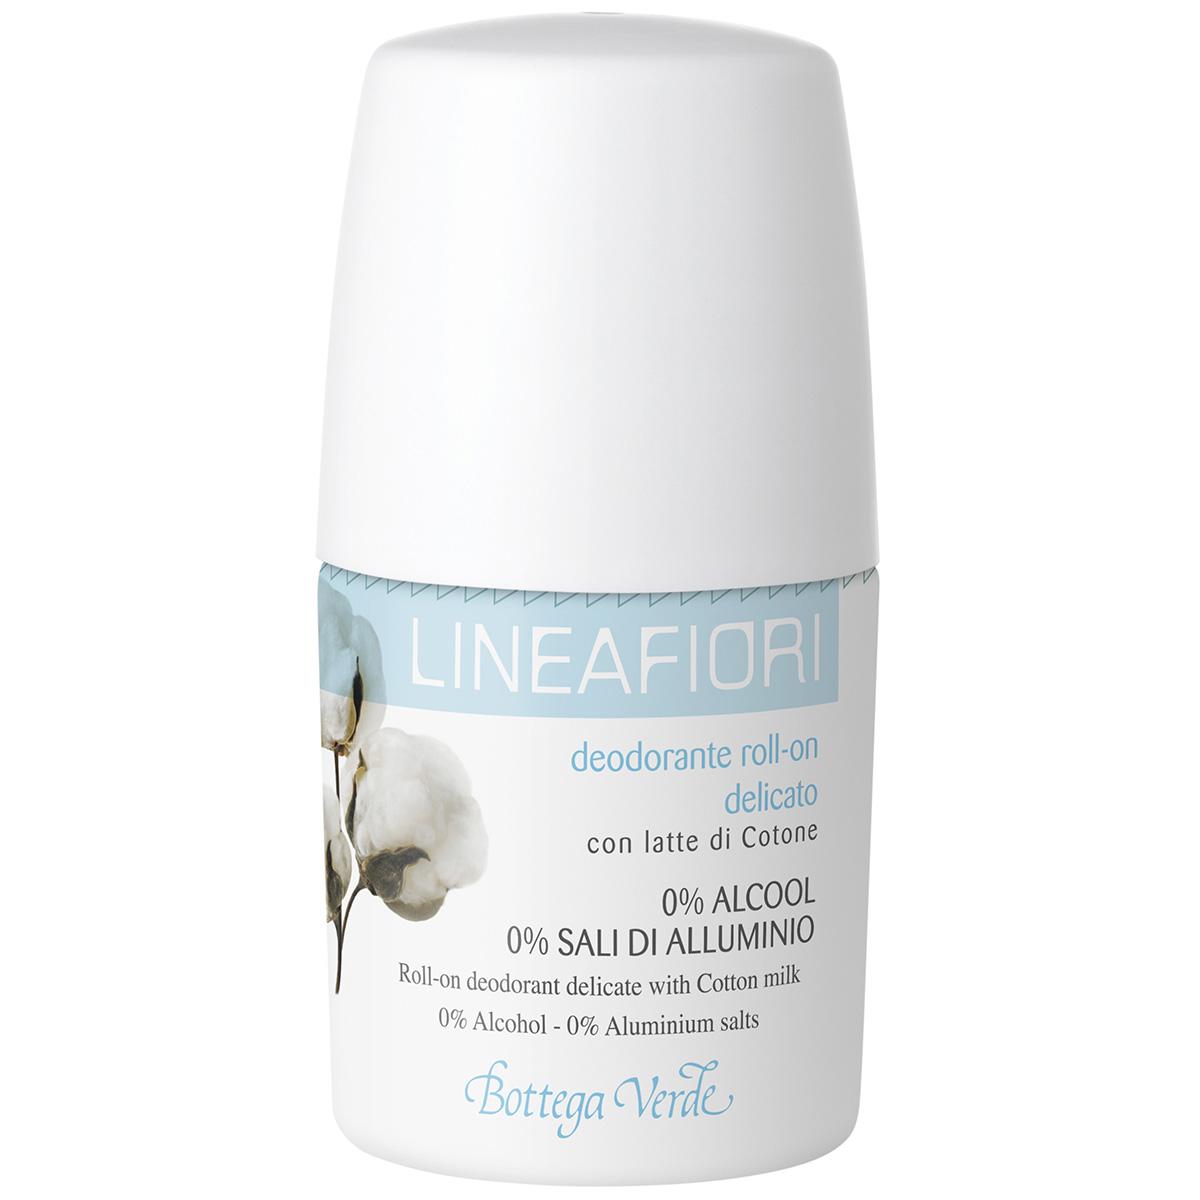 Linea Fiori - Deodorant Roll-on Cu Lapte De Bumbac - Delicat